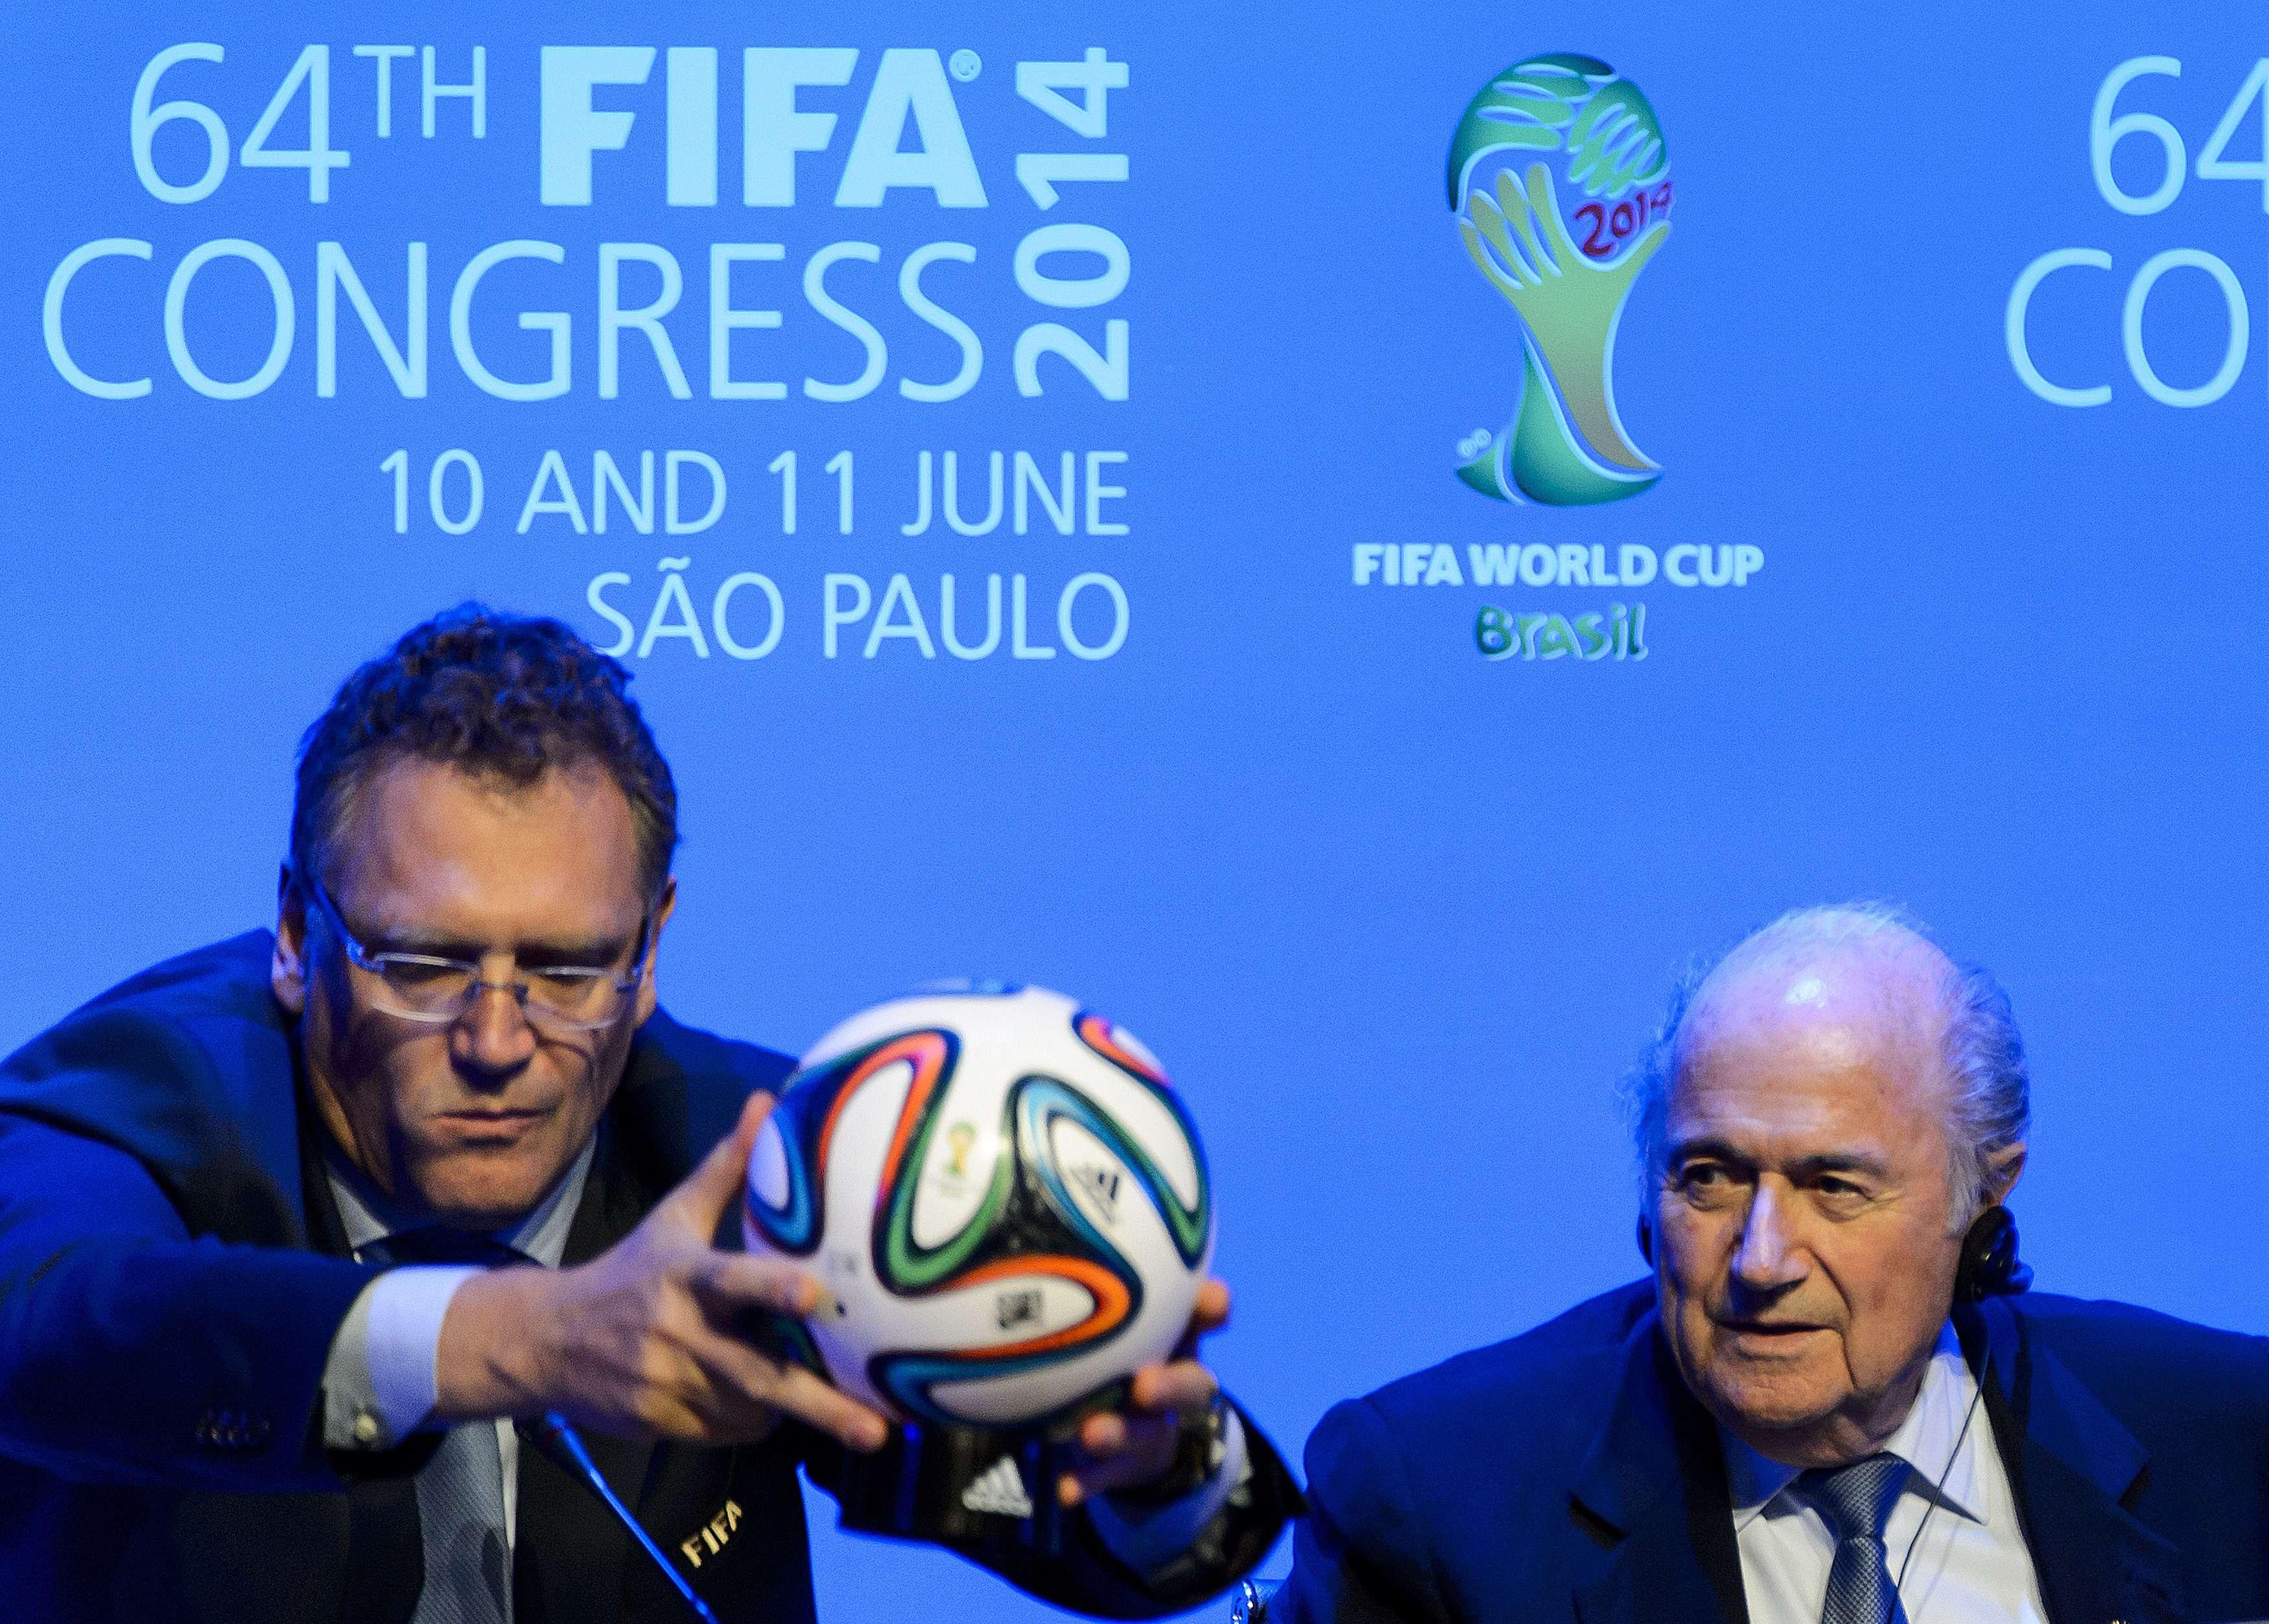 Campionatul Mondial de Fotbal 2014. Brazuca este balonul oficial al Cupei Mondiale: FOTO